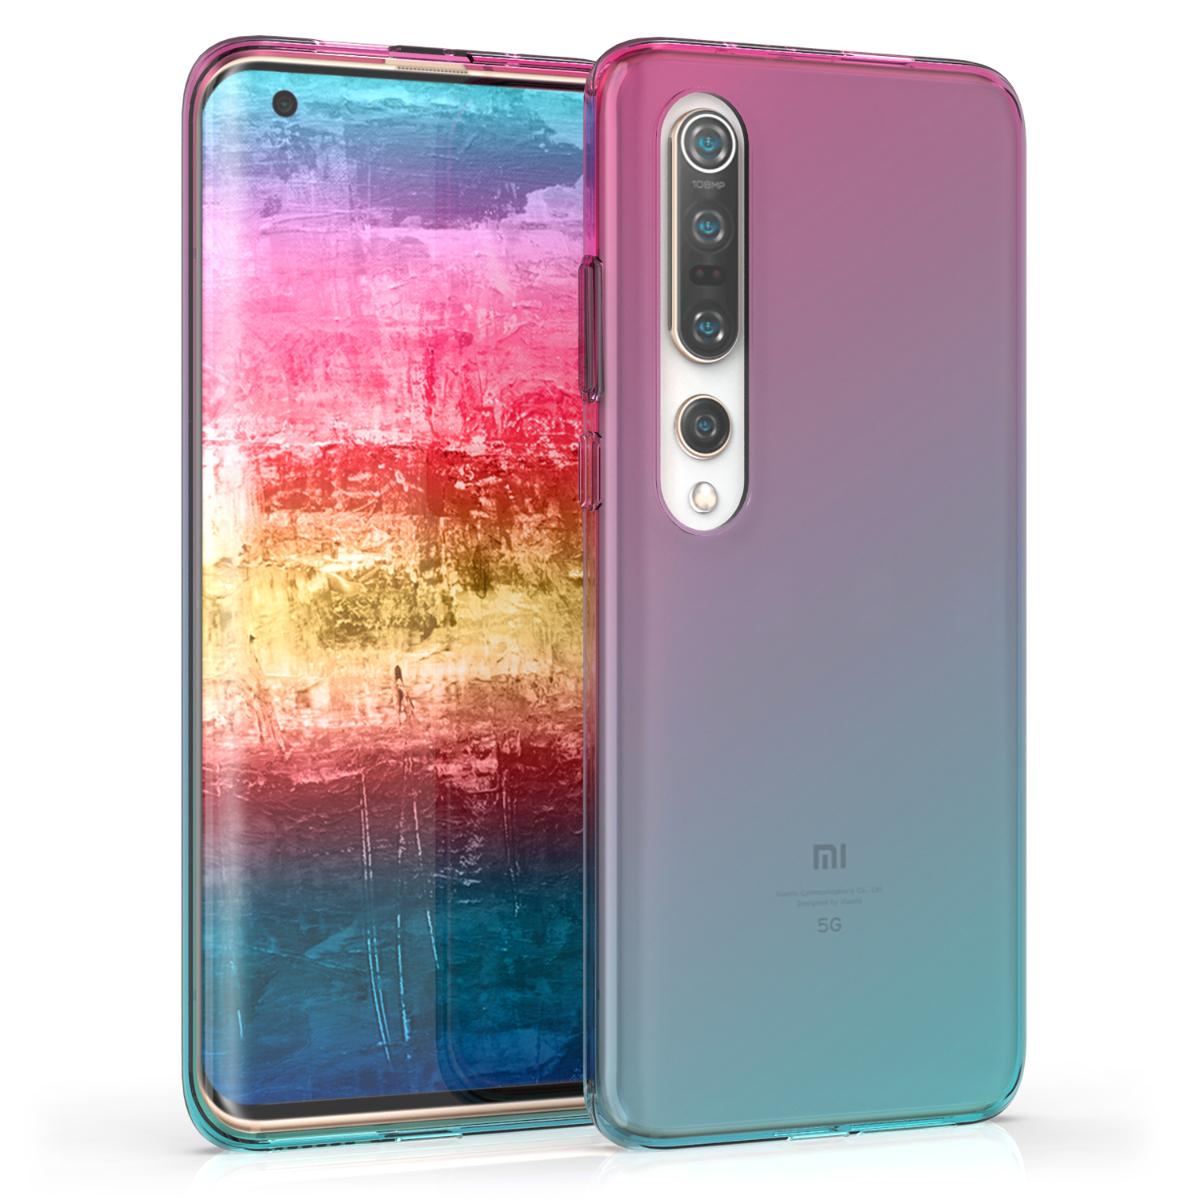 Dvoubarevné modré růžové silikonové pouzdro / obal pro Xiaomi Mi 10 / Mi 10 Pro